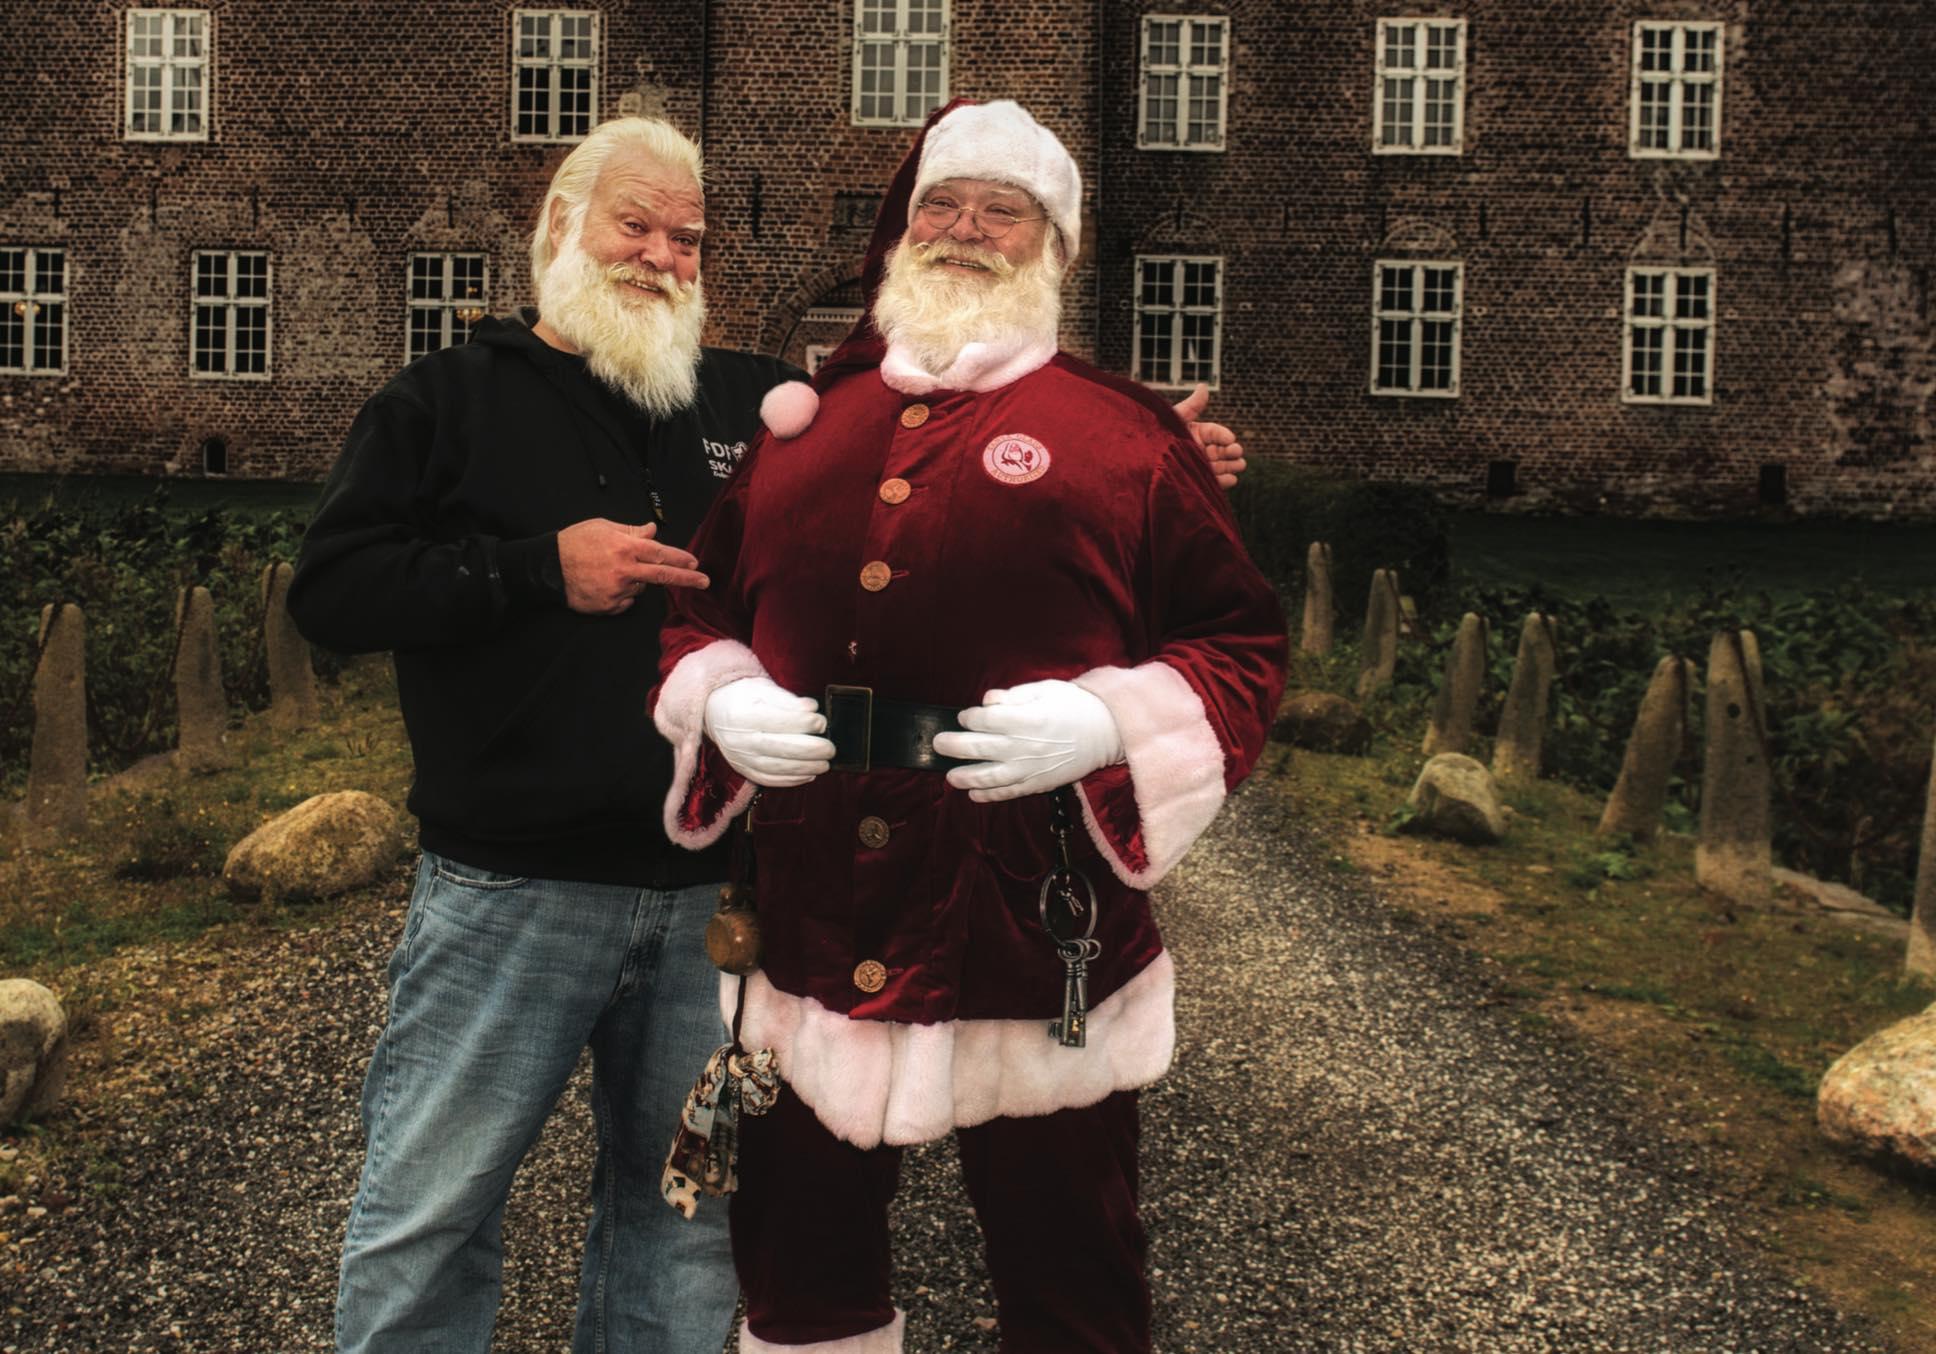 Julemanden og hans menneskelige forklædning